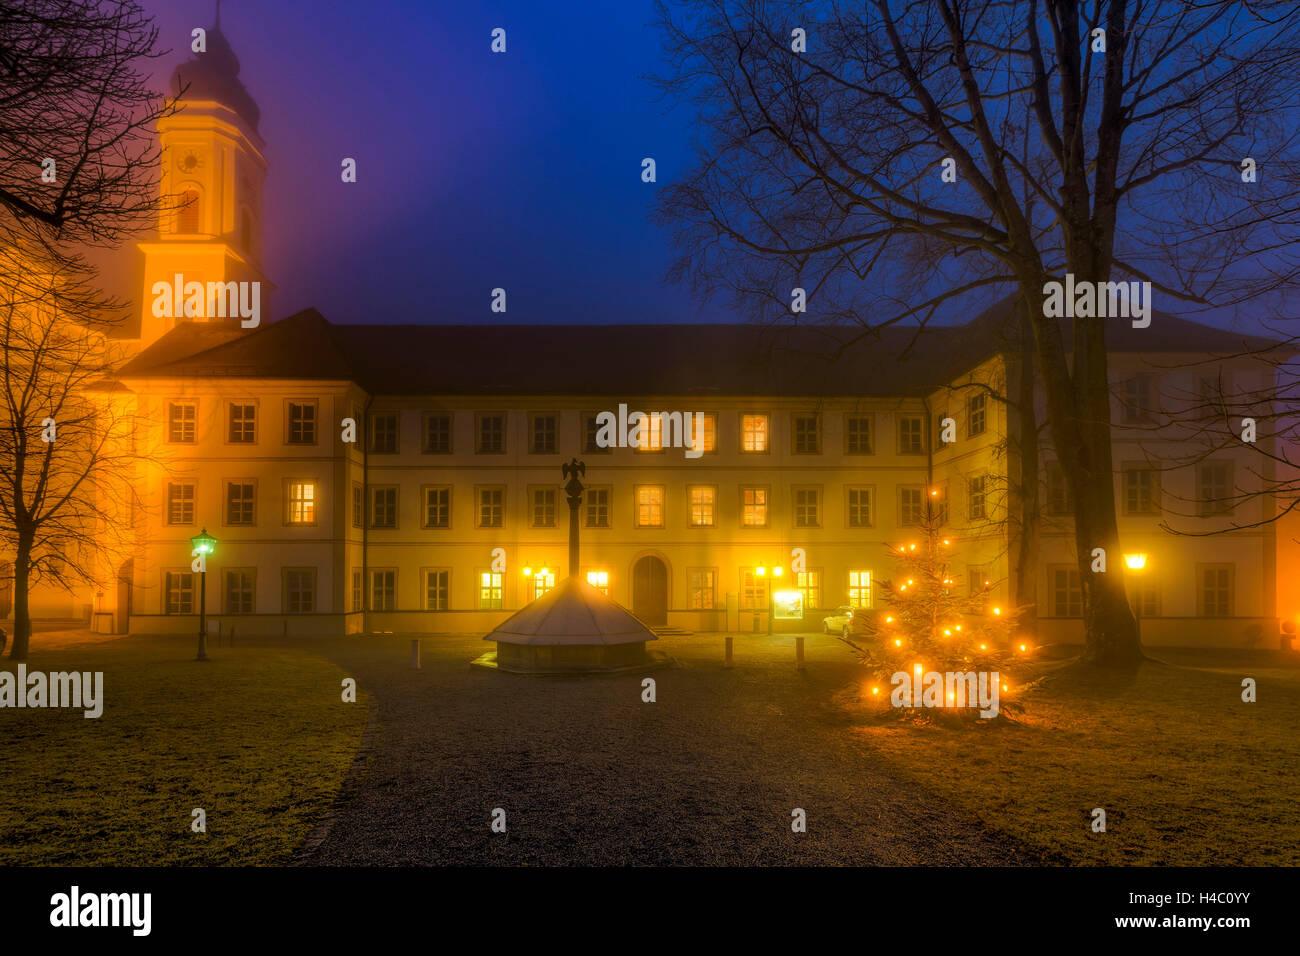 Schwäbisches Bildungszentrum' of Markt Irsee (village), Germany, Bavaria, Allgäu, Irsee, education centre, night, Stock Photo